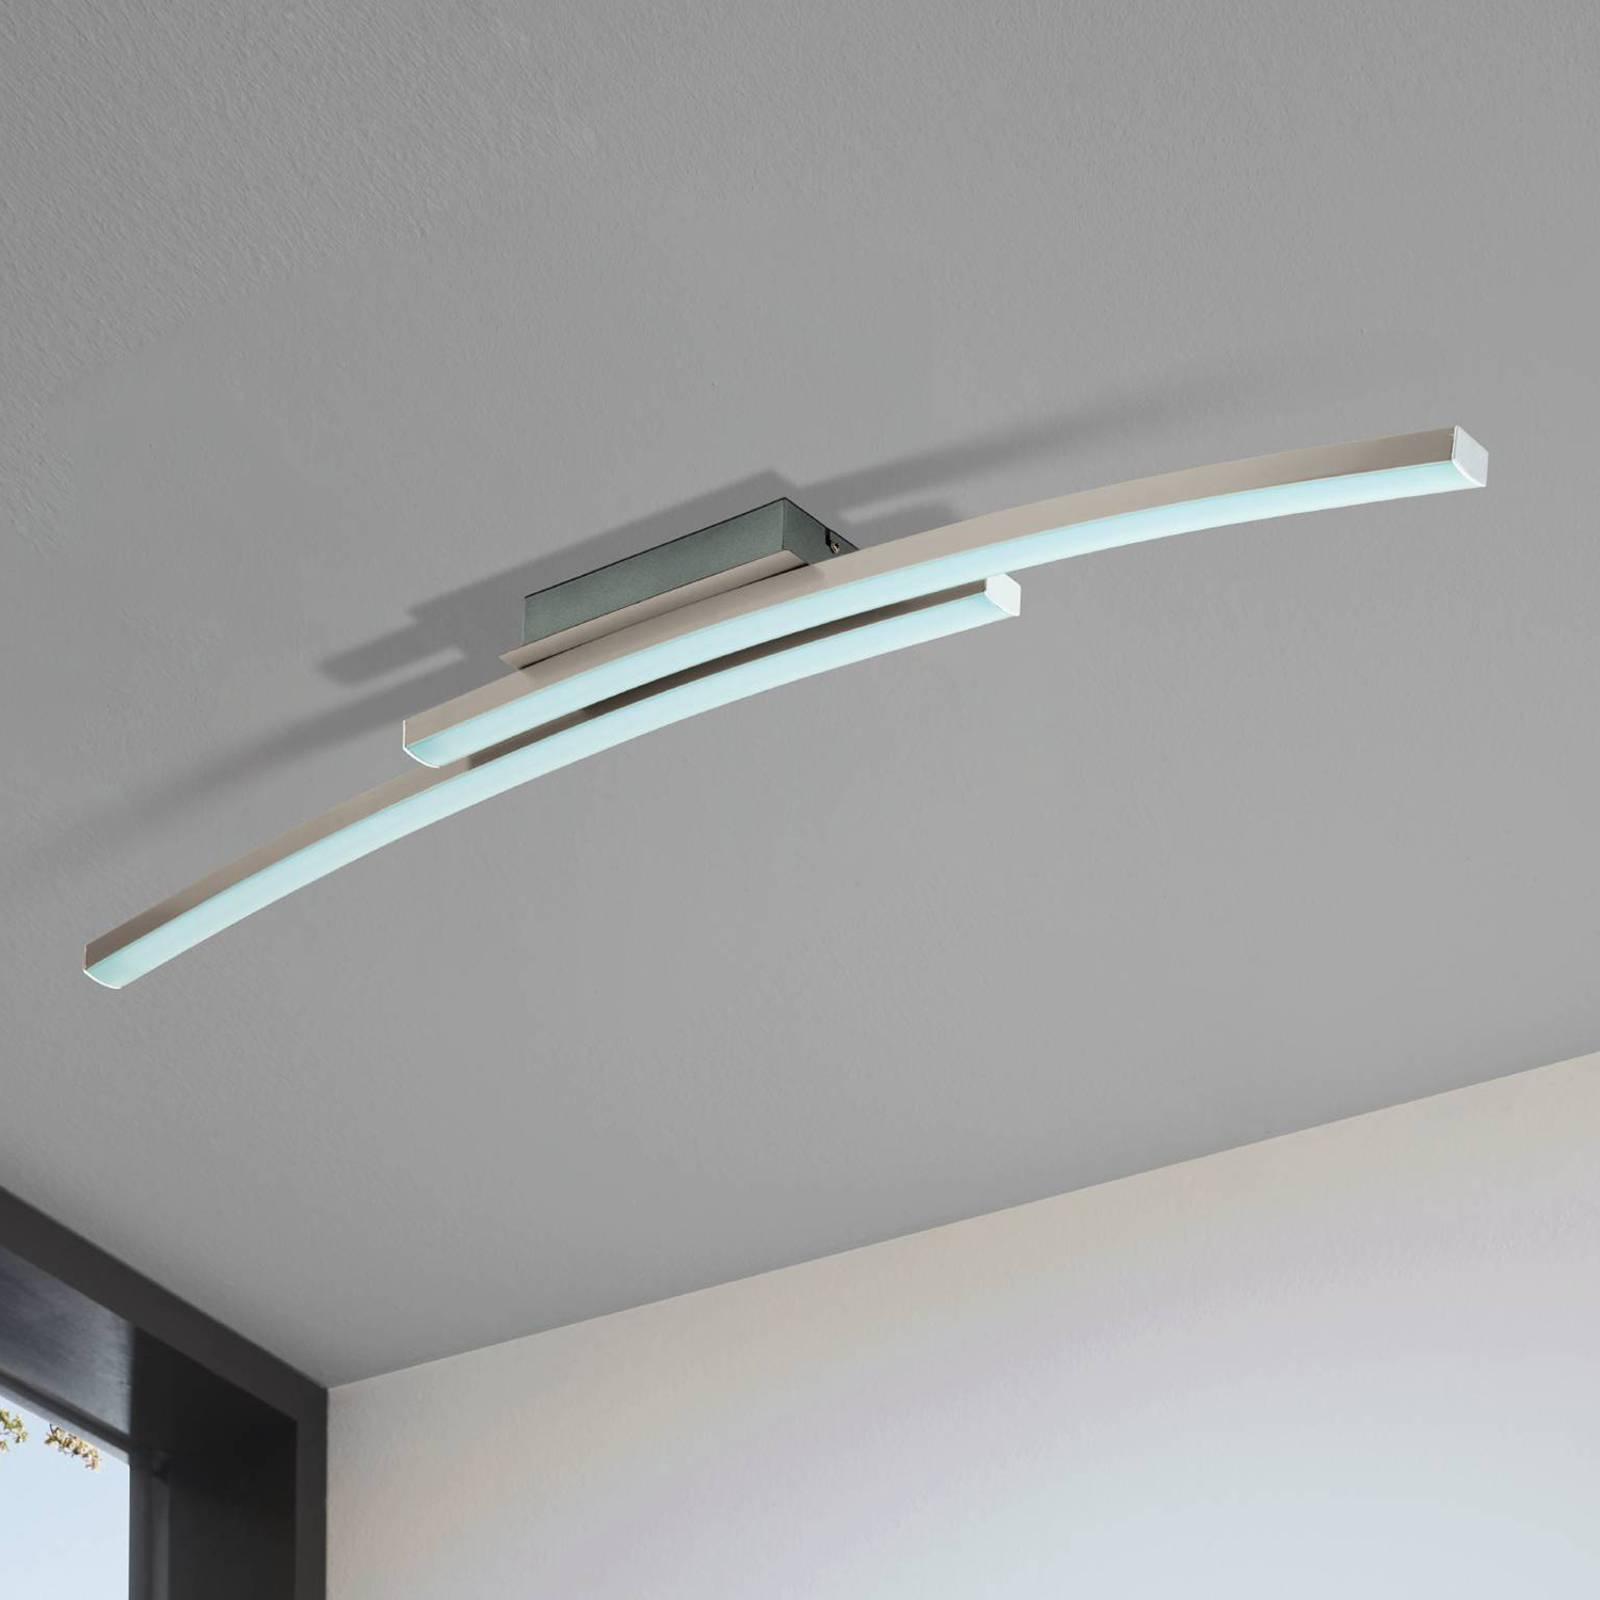 EGLO connect Fraioli-C lampa sufitowa LED, wygięta